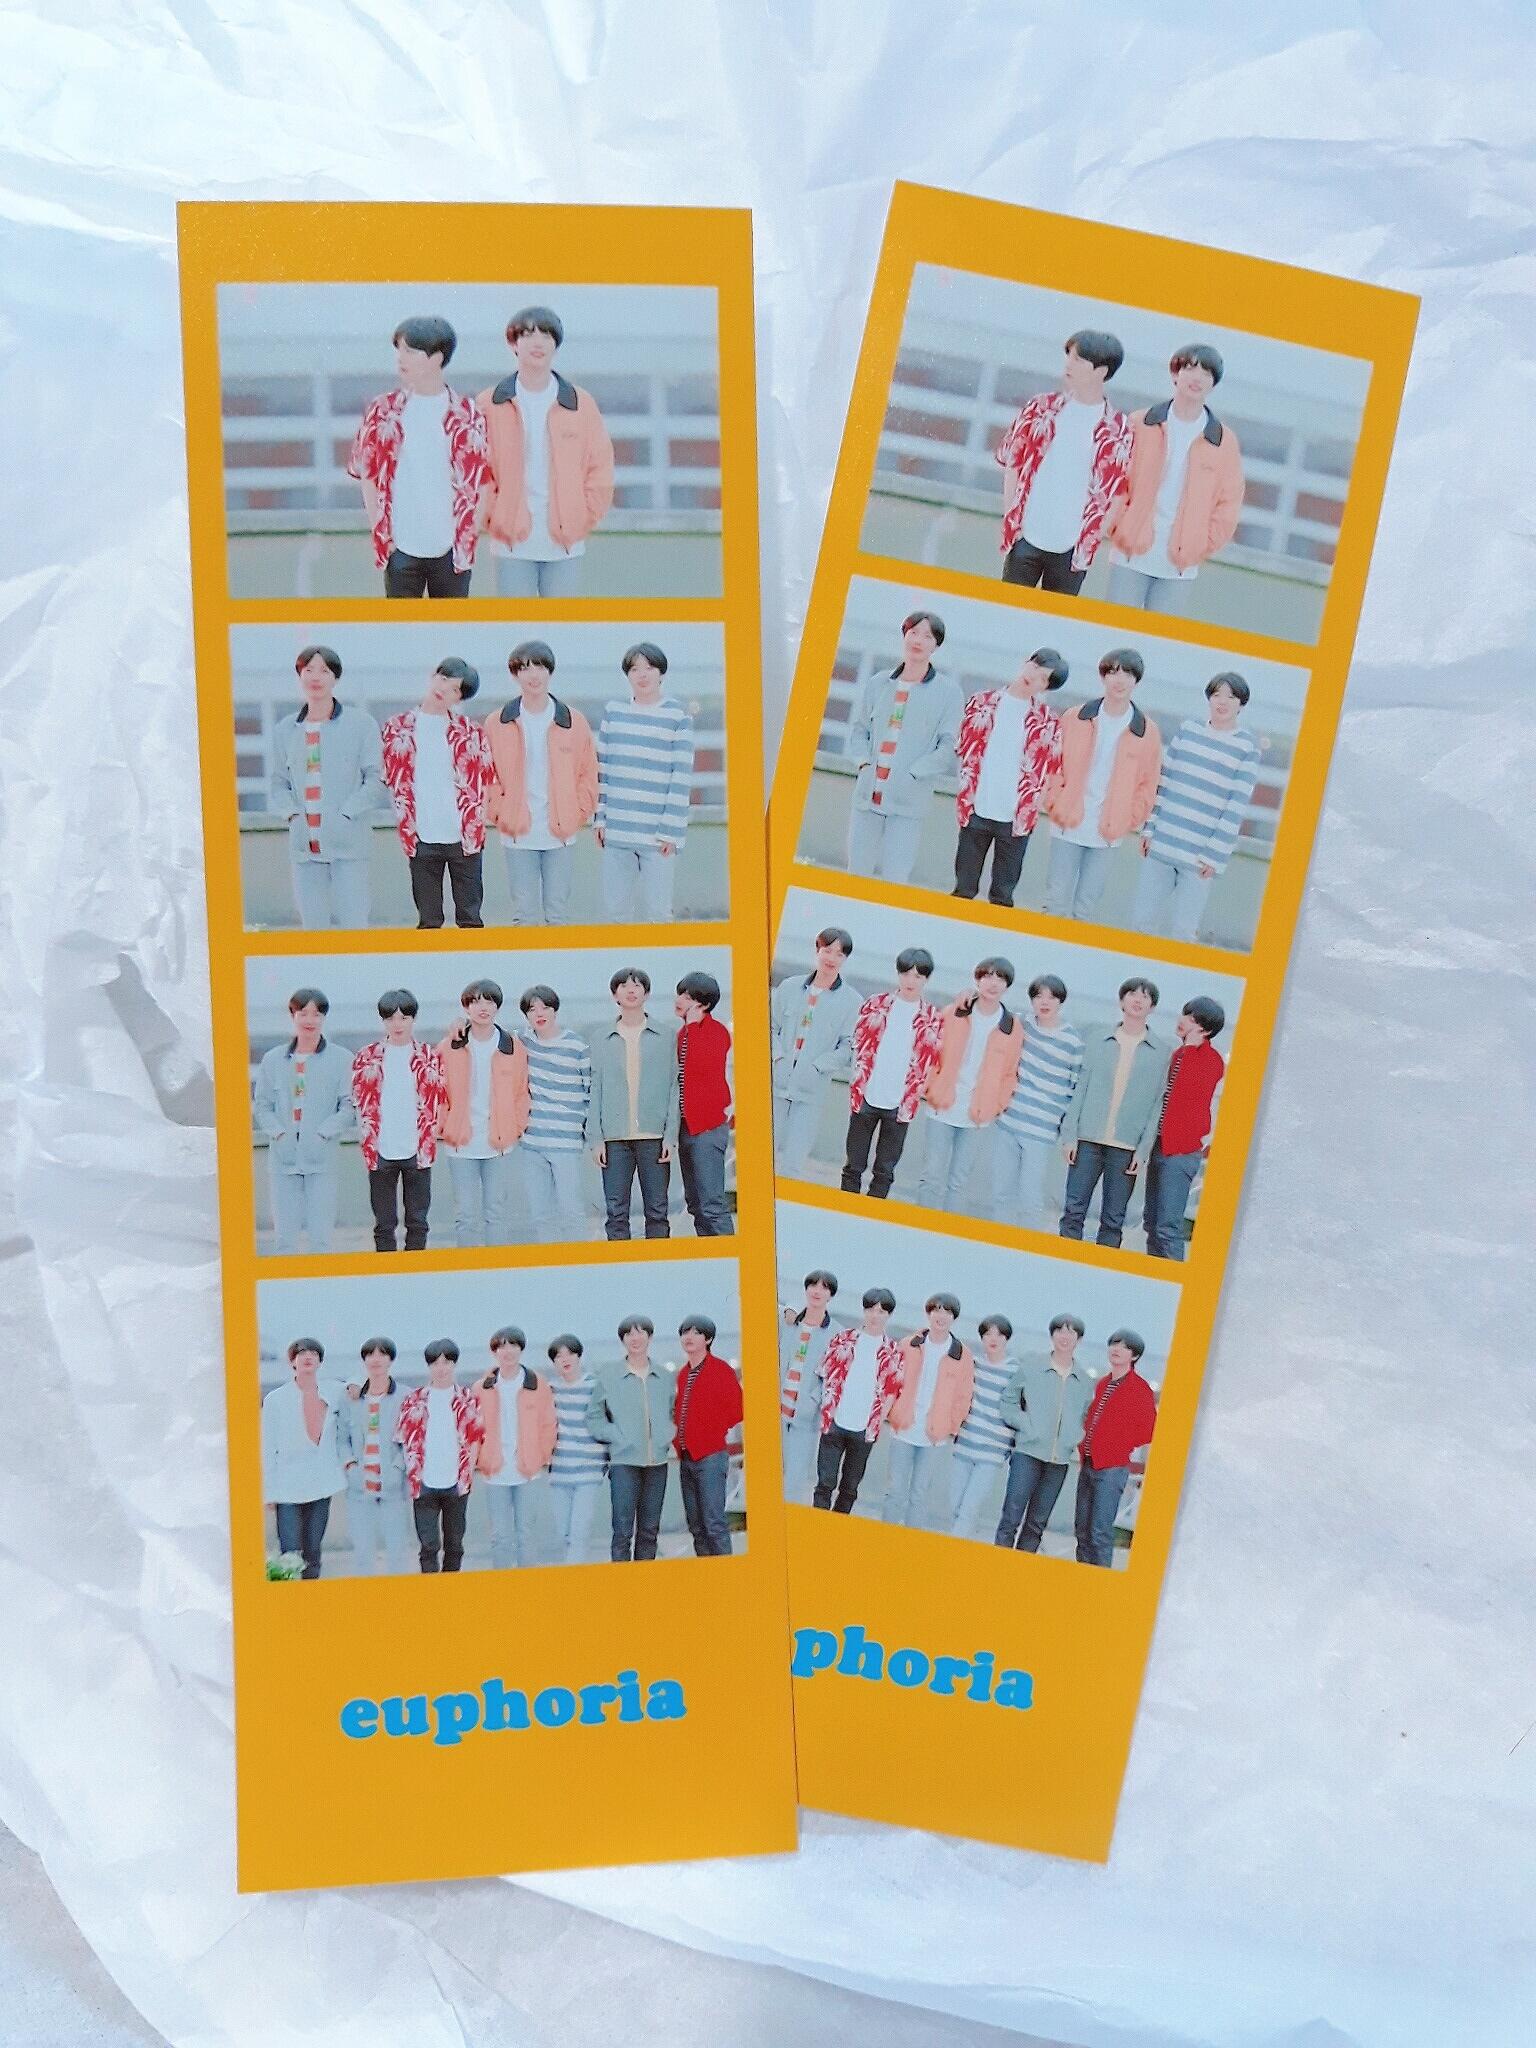 방탄소년단) 민피디님 신곡 기념 방탄네컷 윤기 베레모 사진 나눔💜   인스티즈